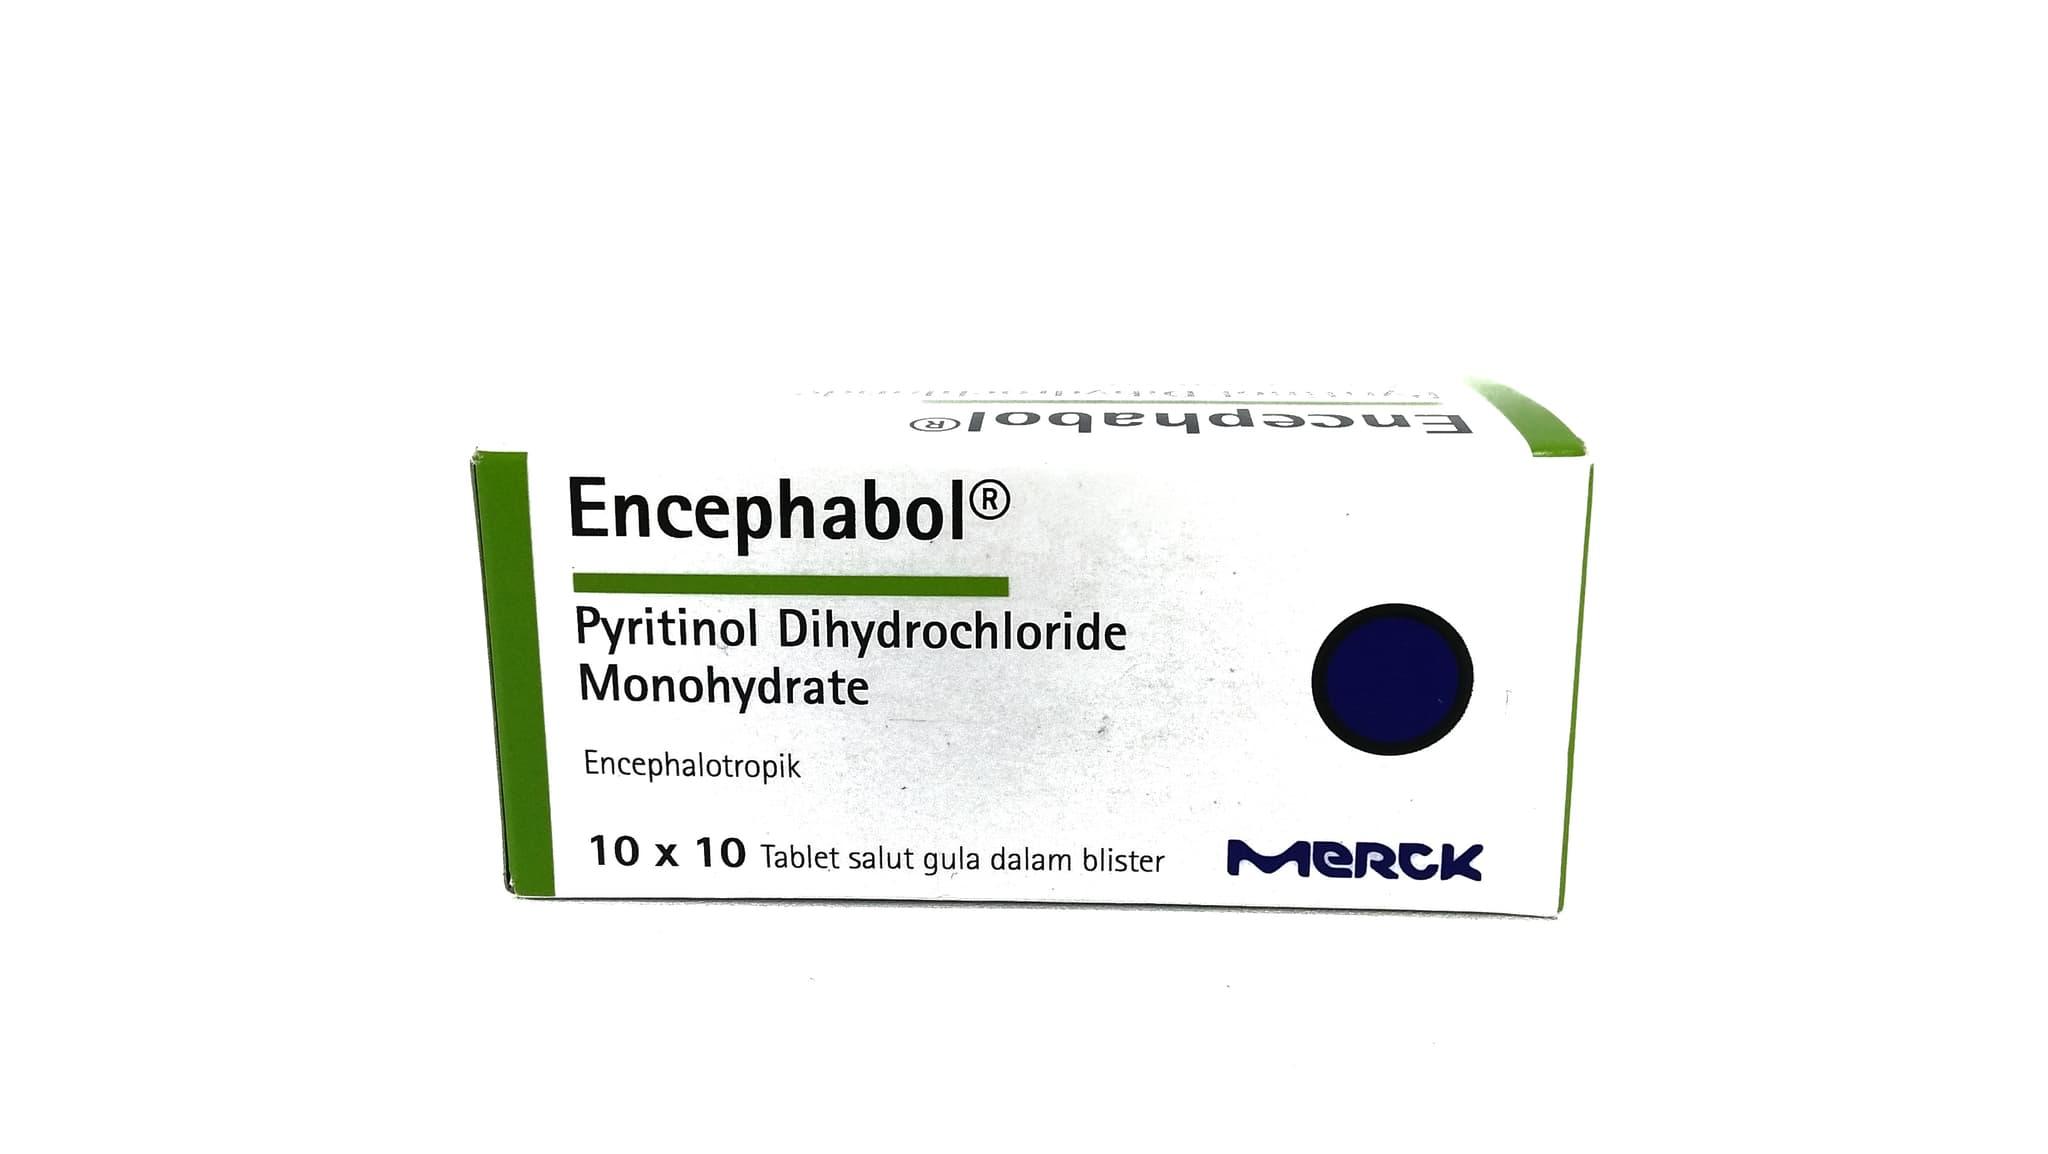 Jual Encephabol Tablet Nutree Pharma Tokopedia